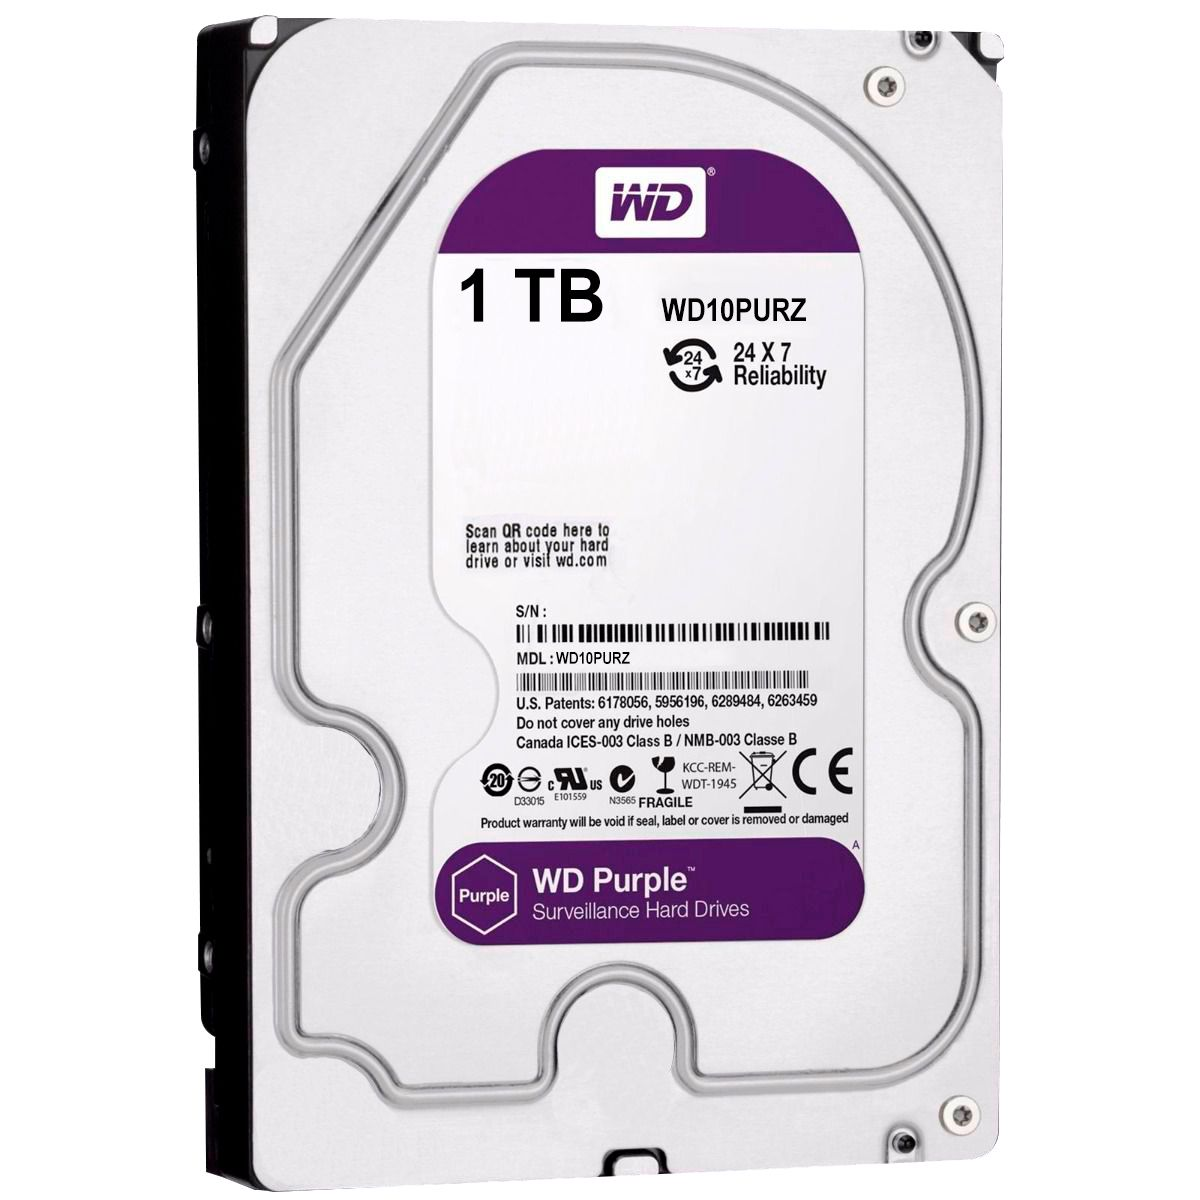 Kit 04 Câmeras IP Full HD Intelbras VIP 3220 B + NVD 1304 + HD WD Purple 1TB  - Tudo Forte